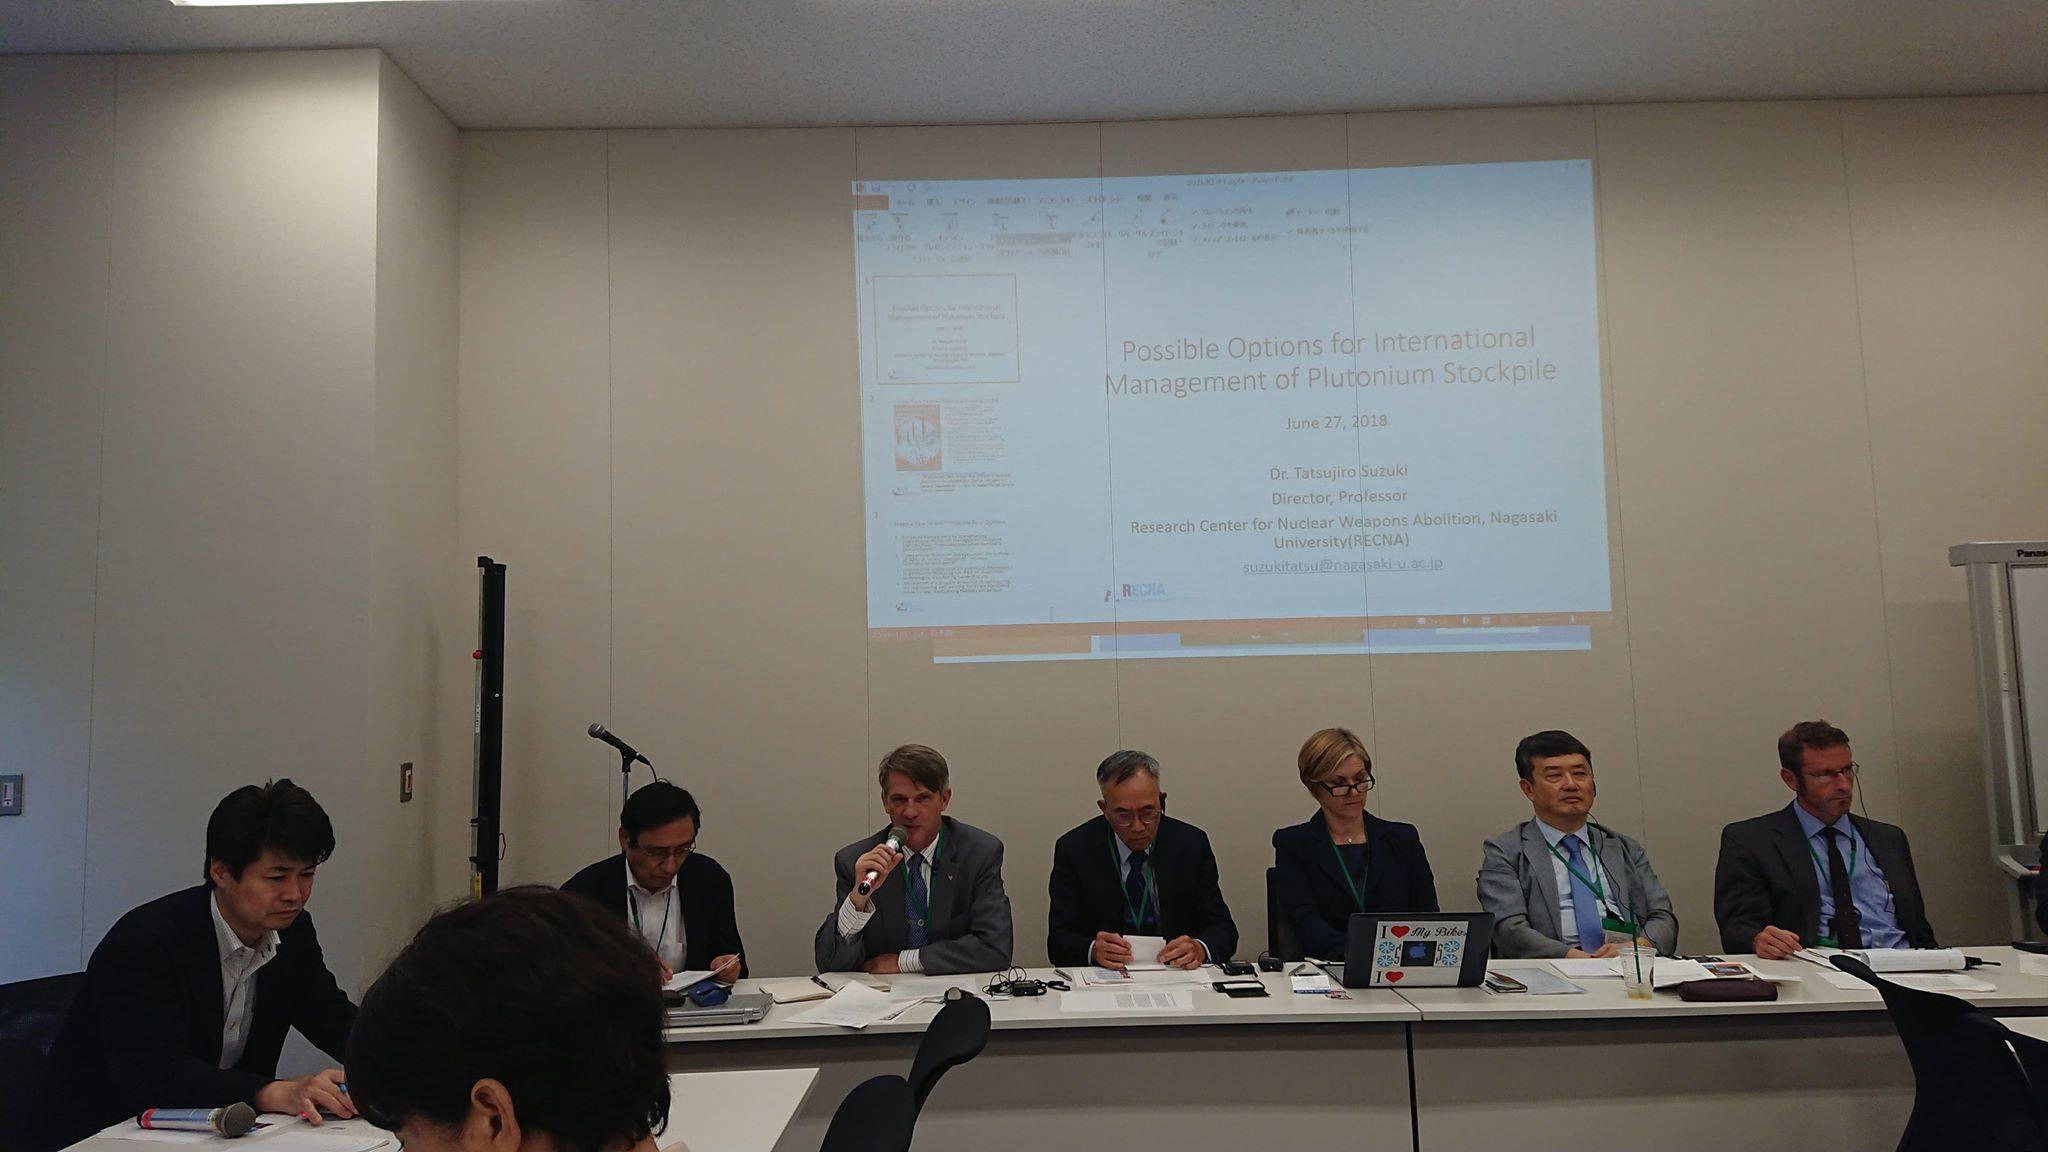 「日米原子力協定と核燃サイクル、アジアの核不拡散政策に関する米韓日有識者との意見交換会」に出席しました。